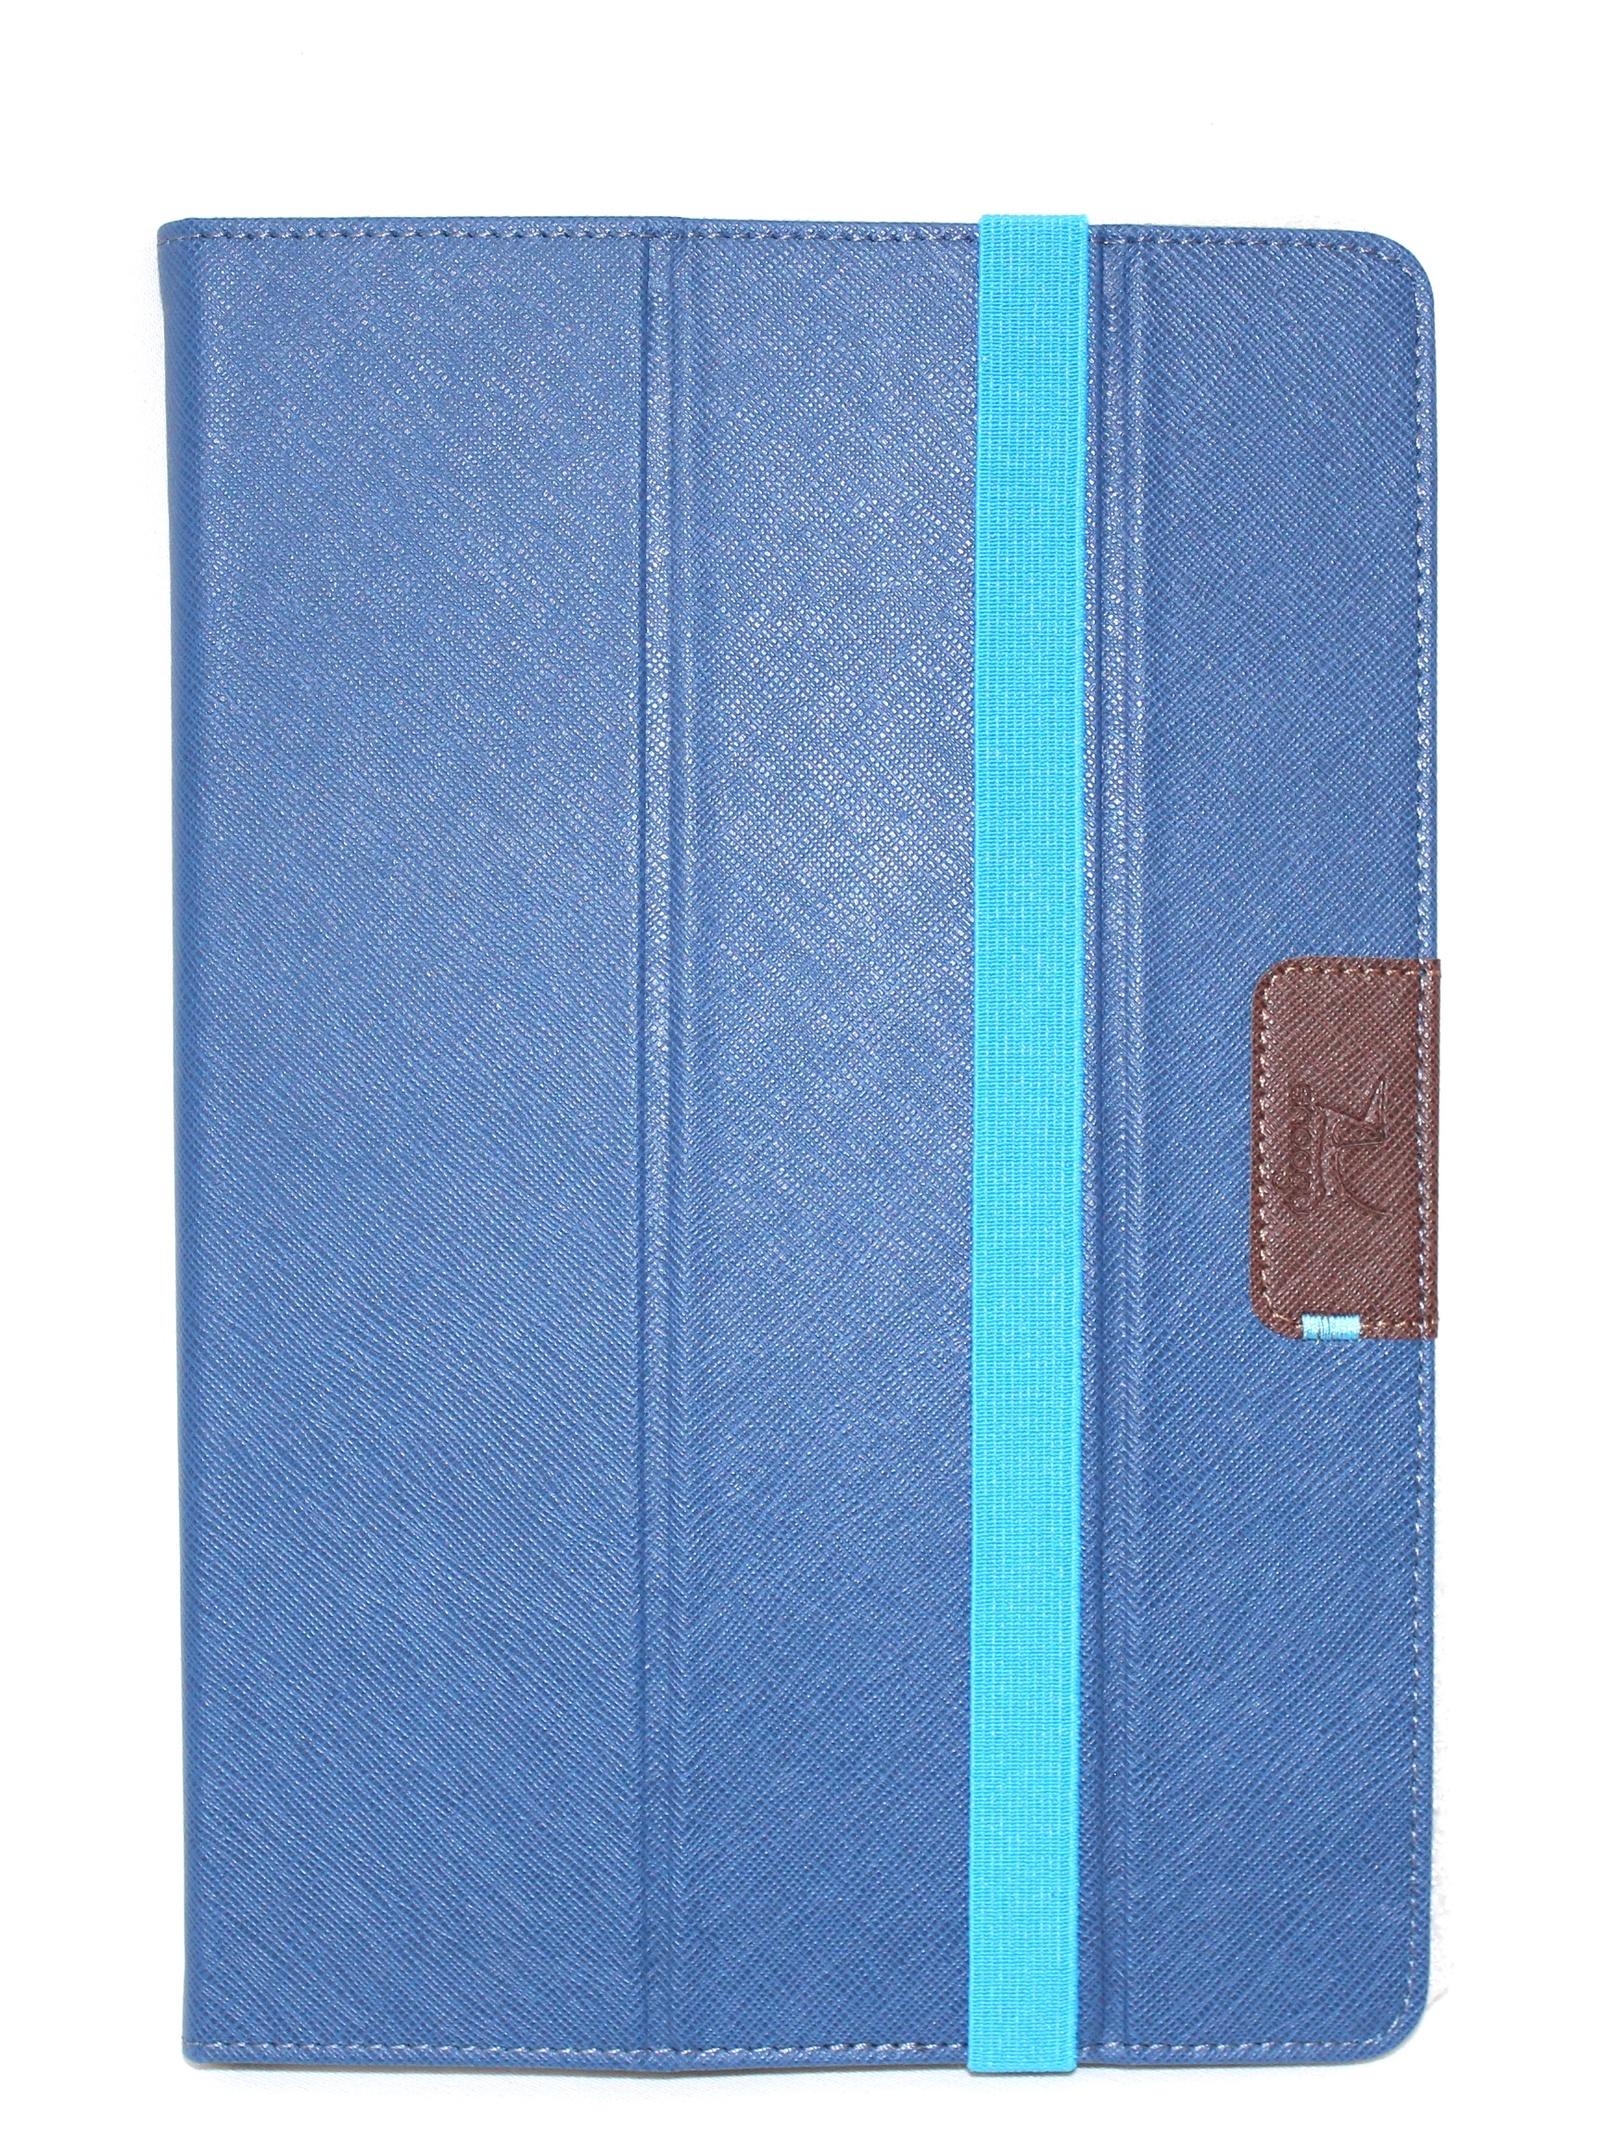 Чехол для планшета Snoogy Универсальный 10 дюймов чехол для планшета snoogy универсальный 10 дюймов